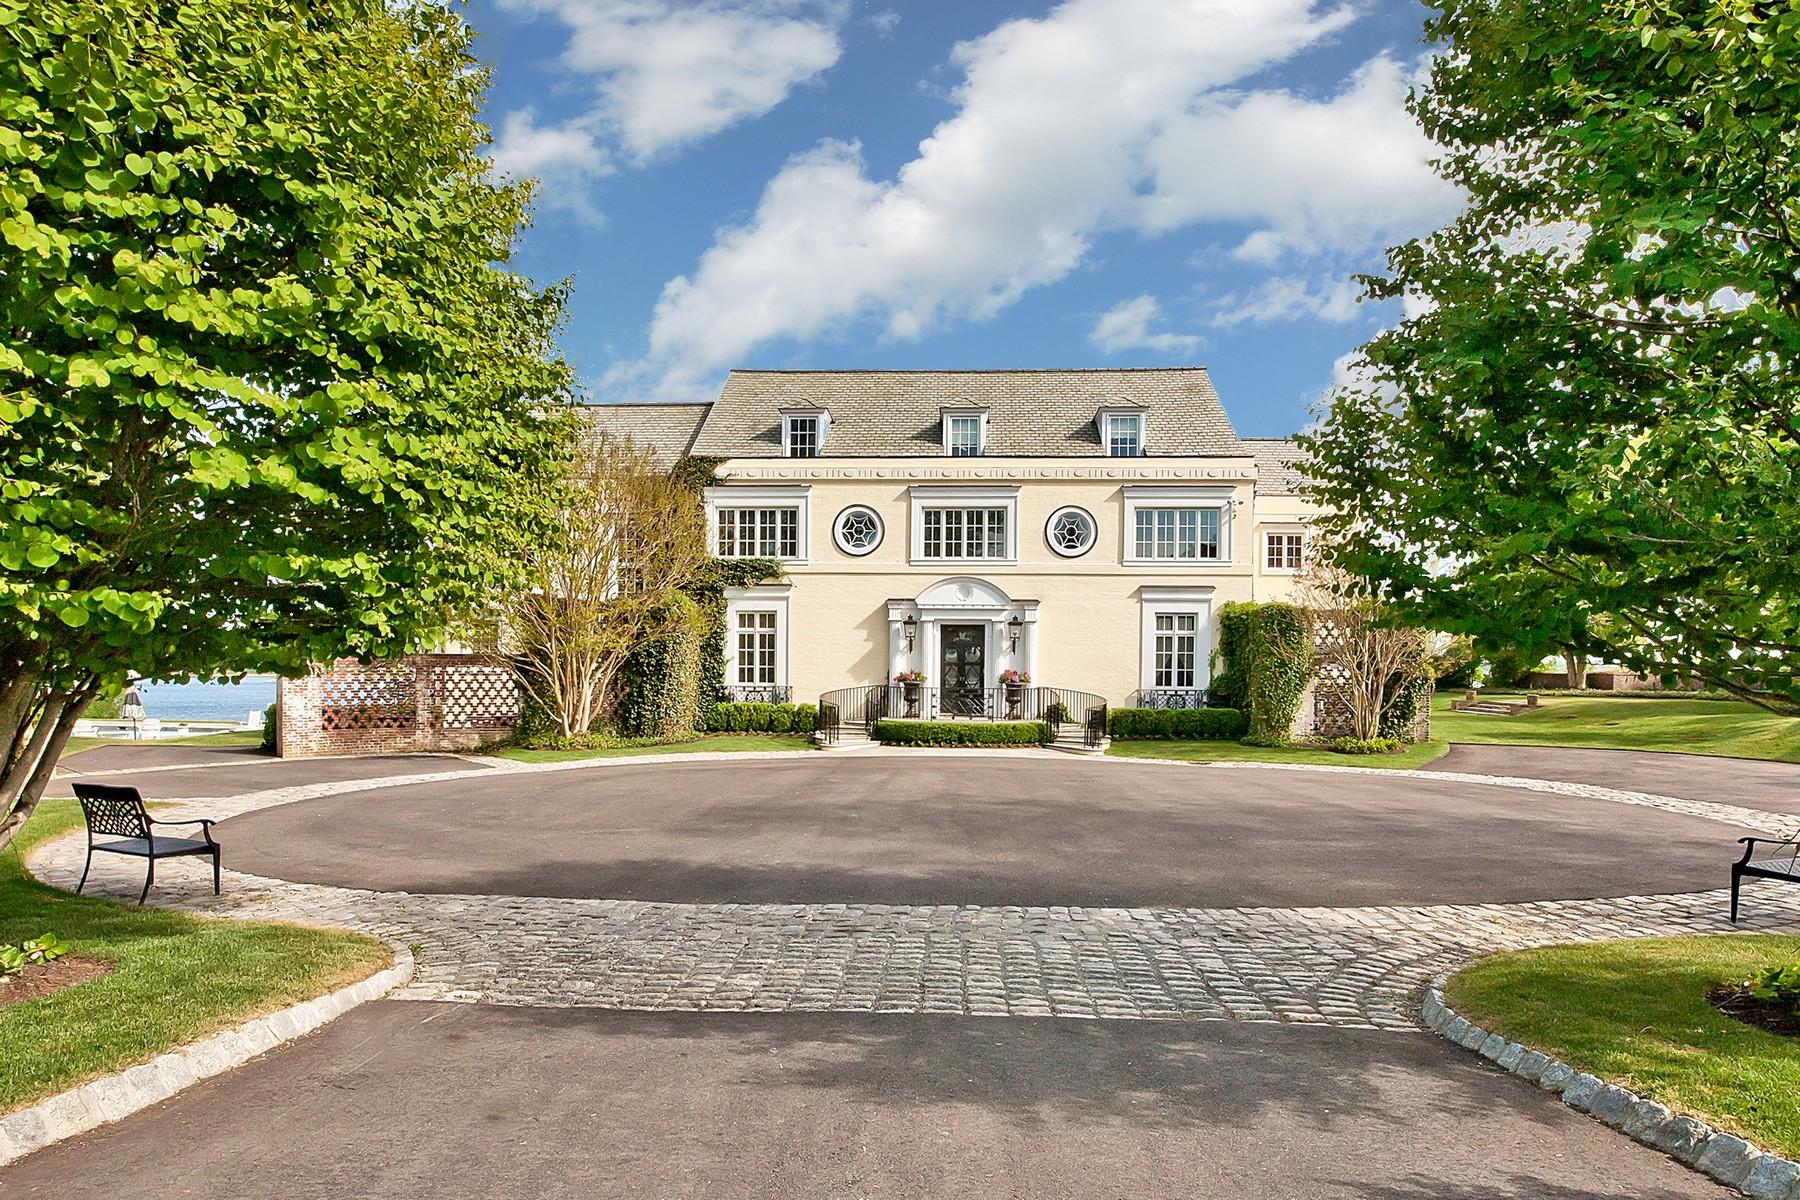 Maison unifamiliale pour l Vente à Holly House Estate 536 Navesink River Rd Middletown, New Jersey 07748 États-Unis